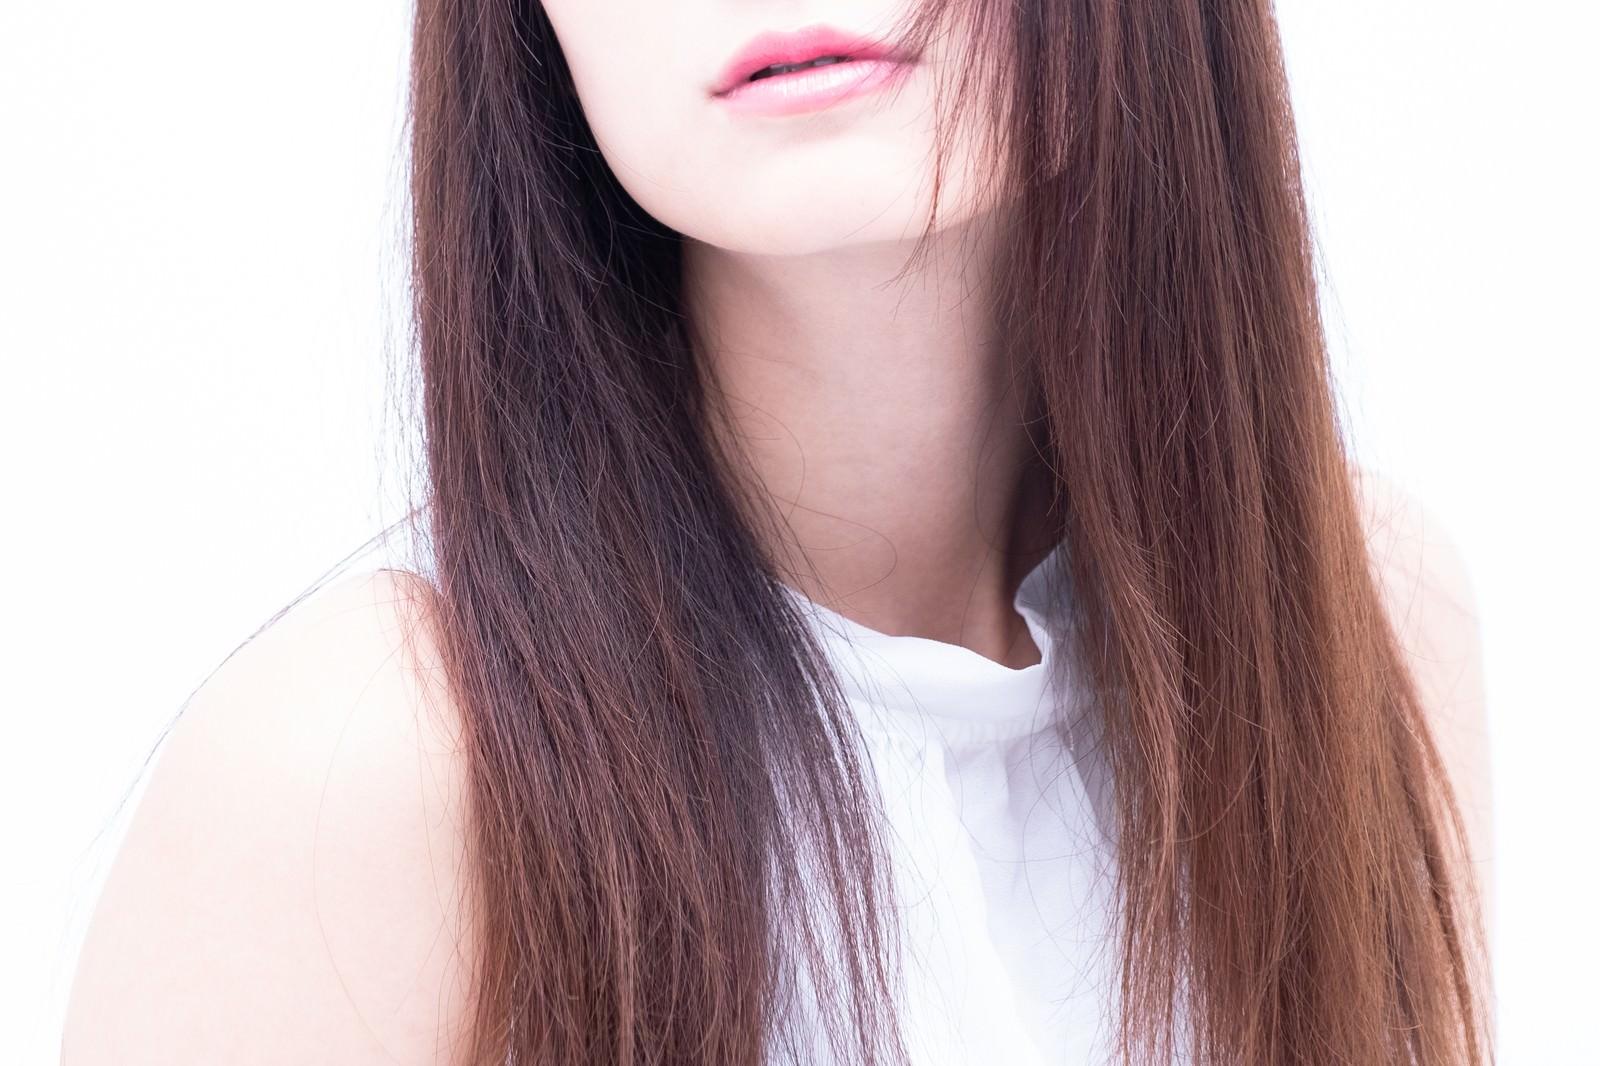 「女性の口元とロングヘア女性の口元とロングヘア」のフリー写真素材を拡大